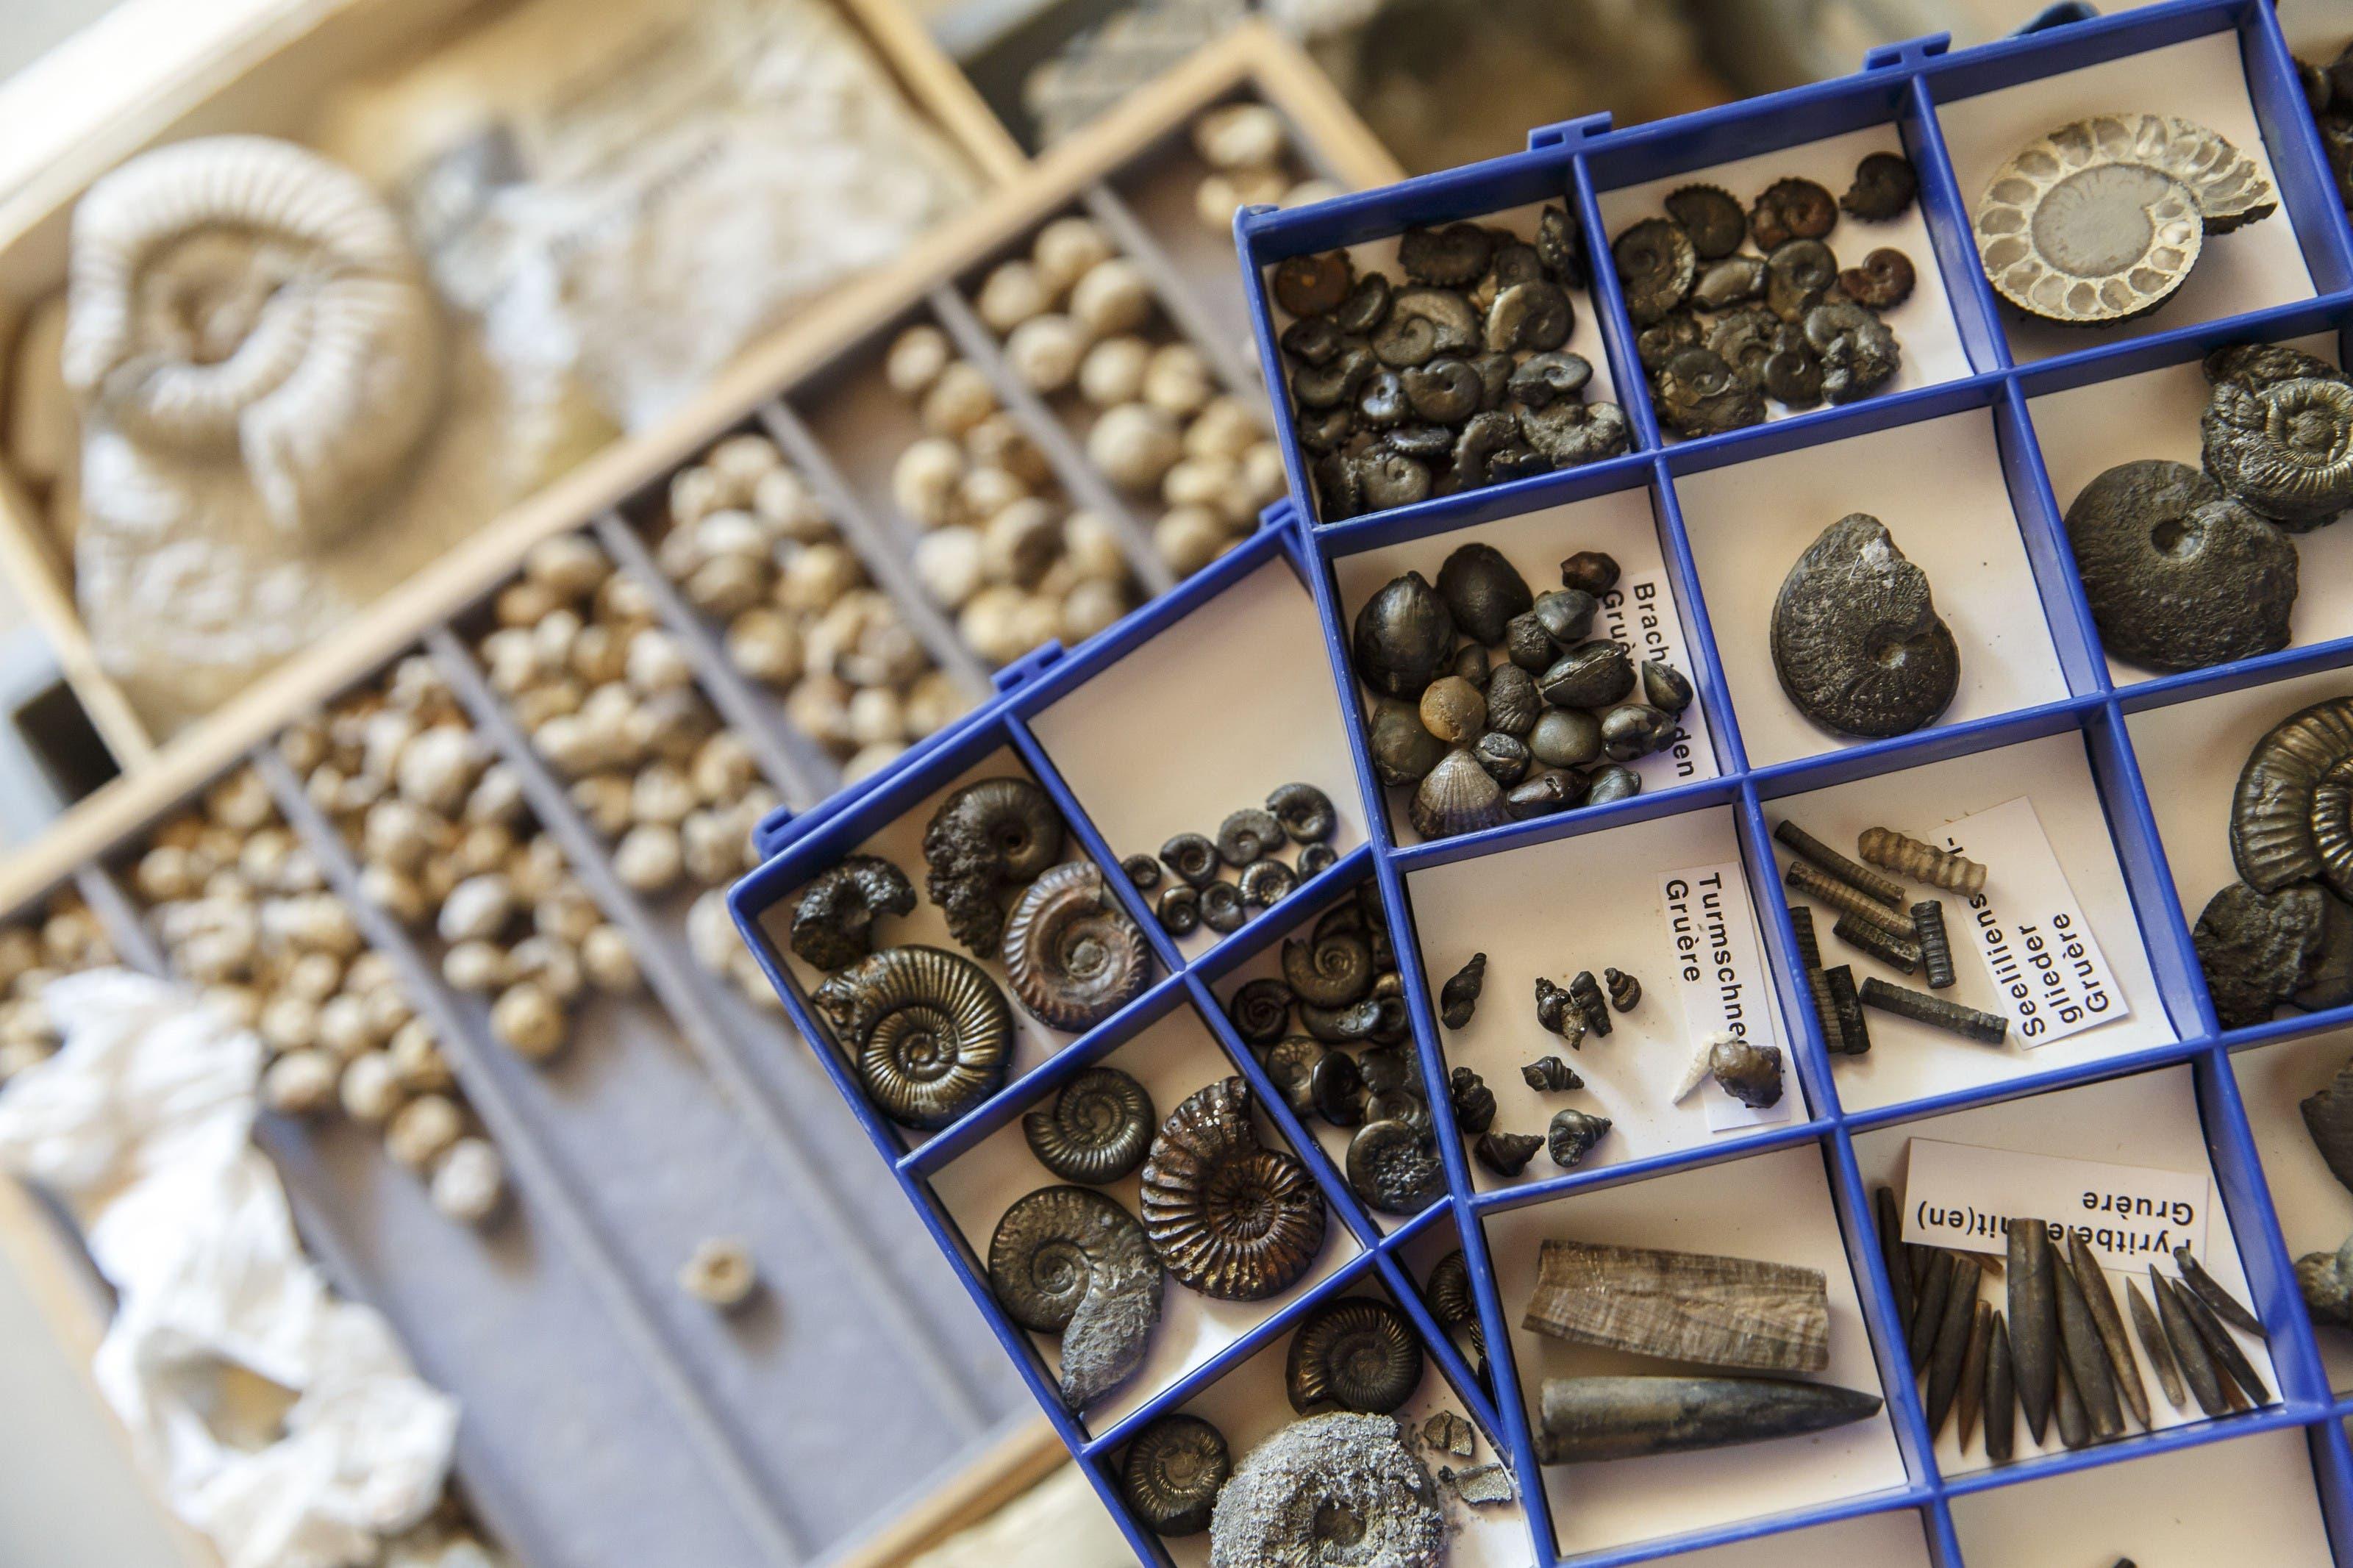 Schatztruhe aus einer anderen erdgeschichtlichen Epoche. Die Erzer-Sammlung ist ein wahrer Fund fürs Naturmuseum.